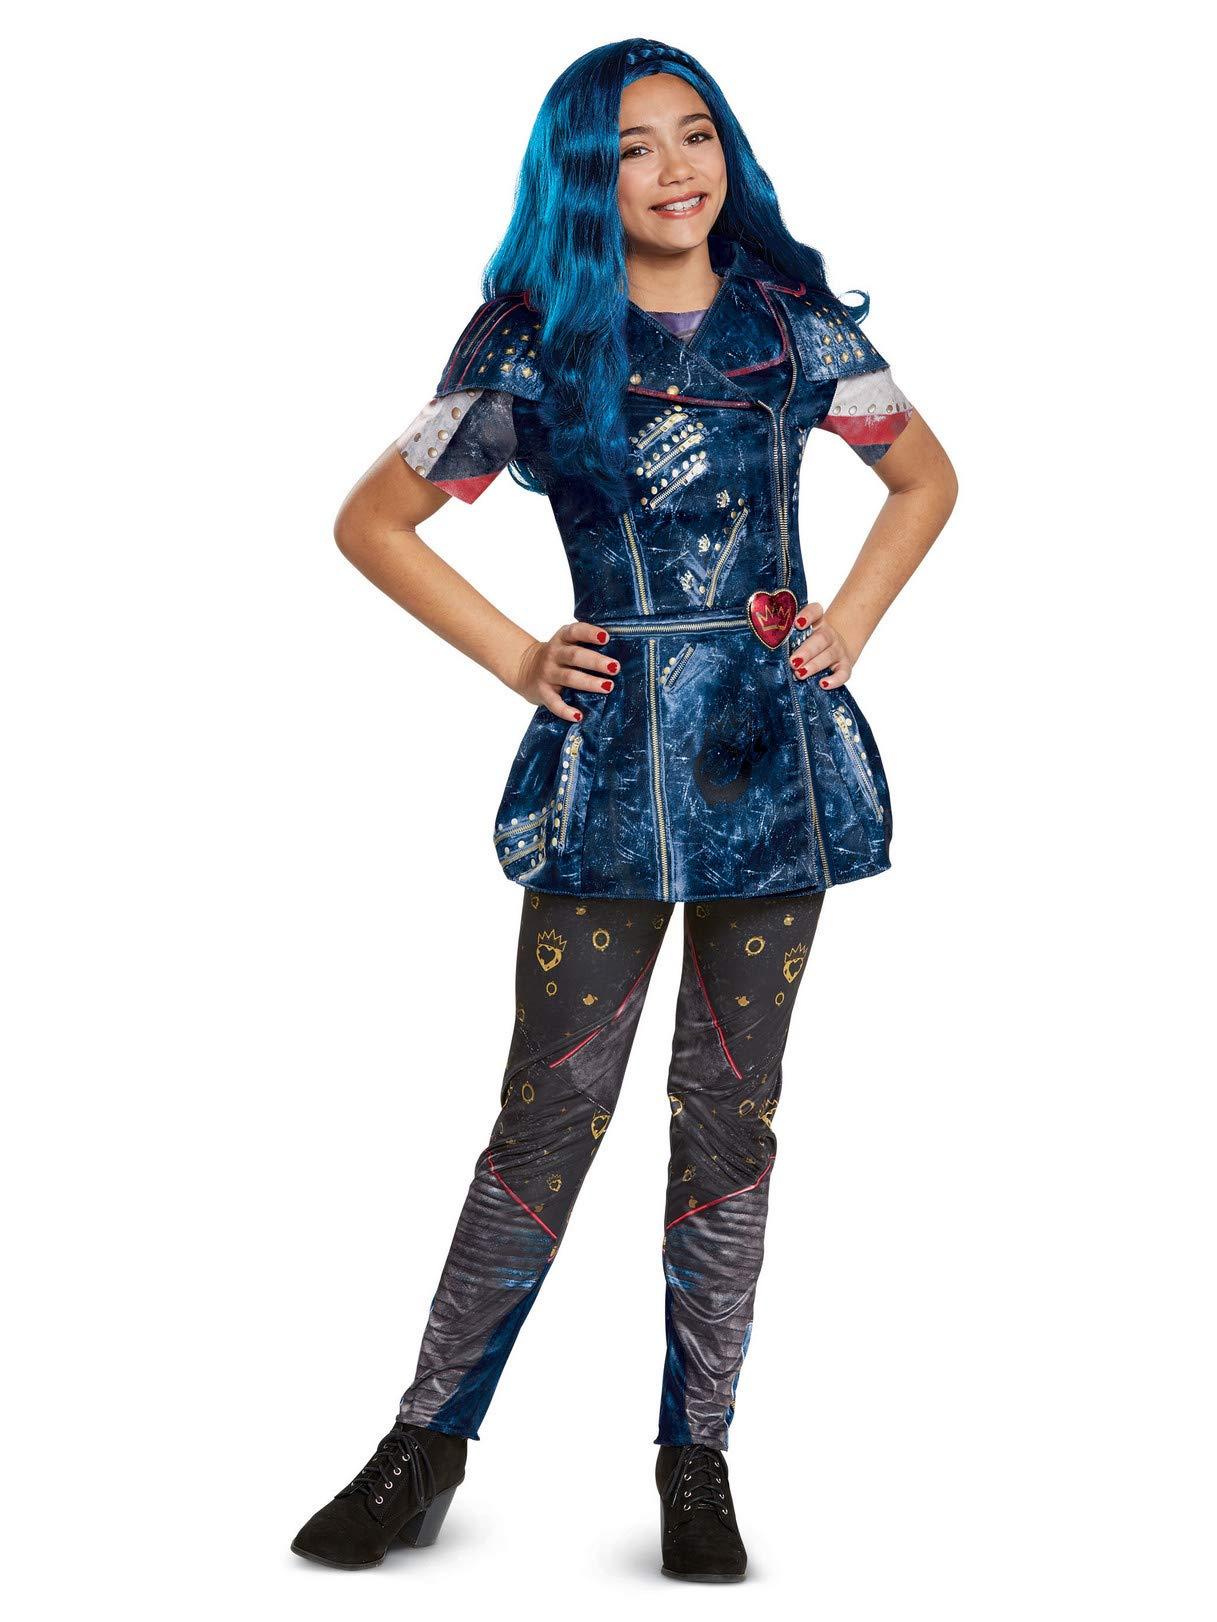 Disney Evie Classic Descendants 2 Costume, Blue, Medium (7-8)